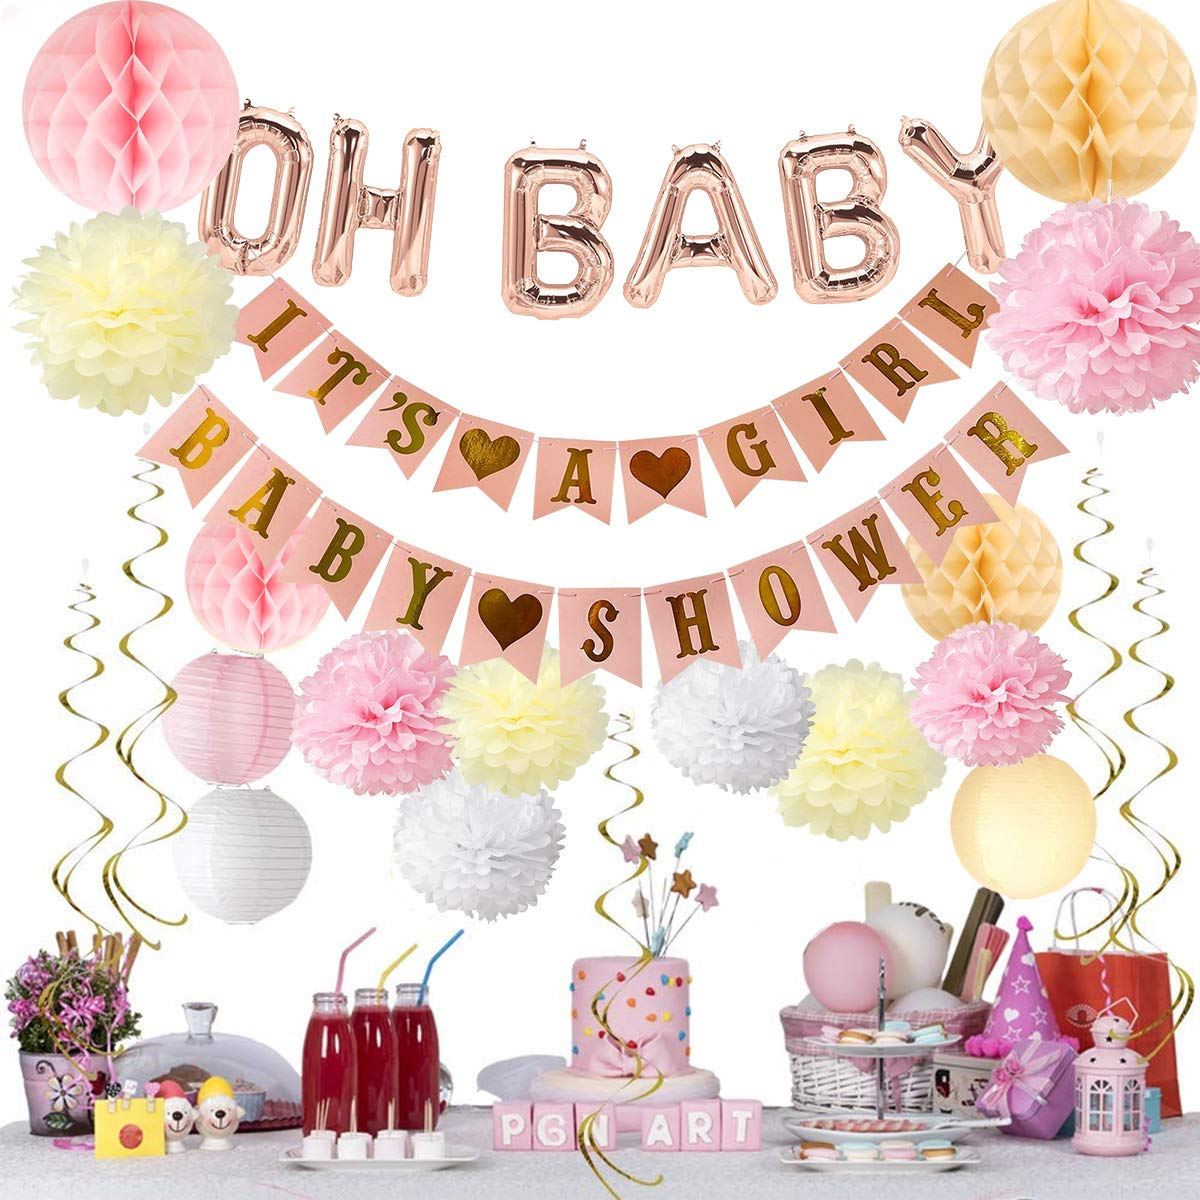 Baby Shower Decorations, Conthfut 19 PCS It's A Girl Baby Shower Kit with Oh Baby decorations and baby shower favors decor.